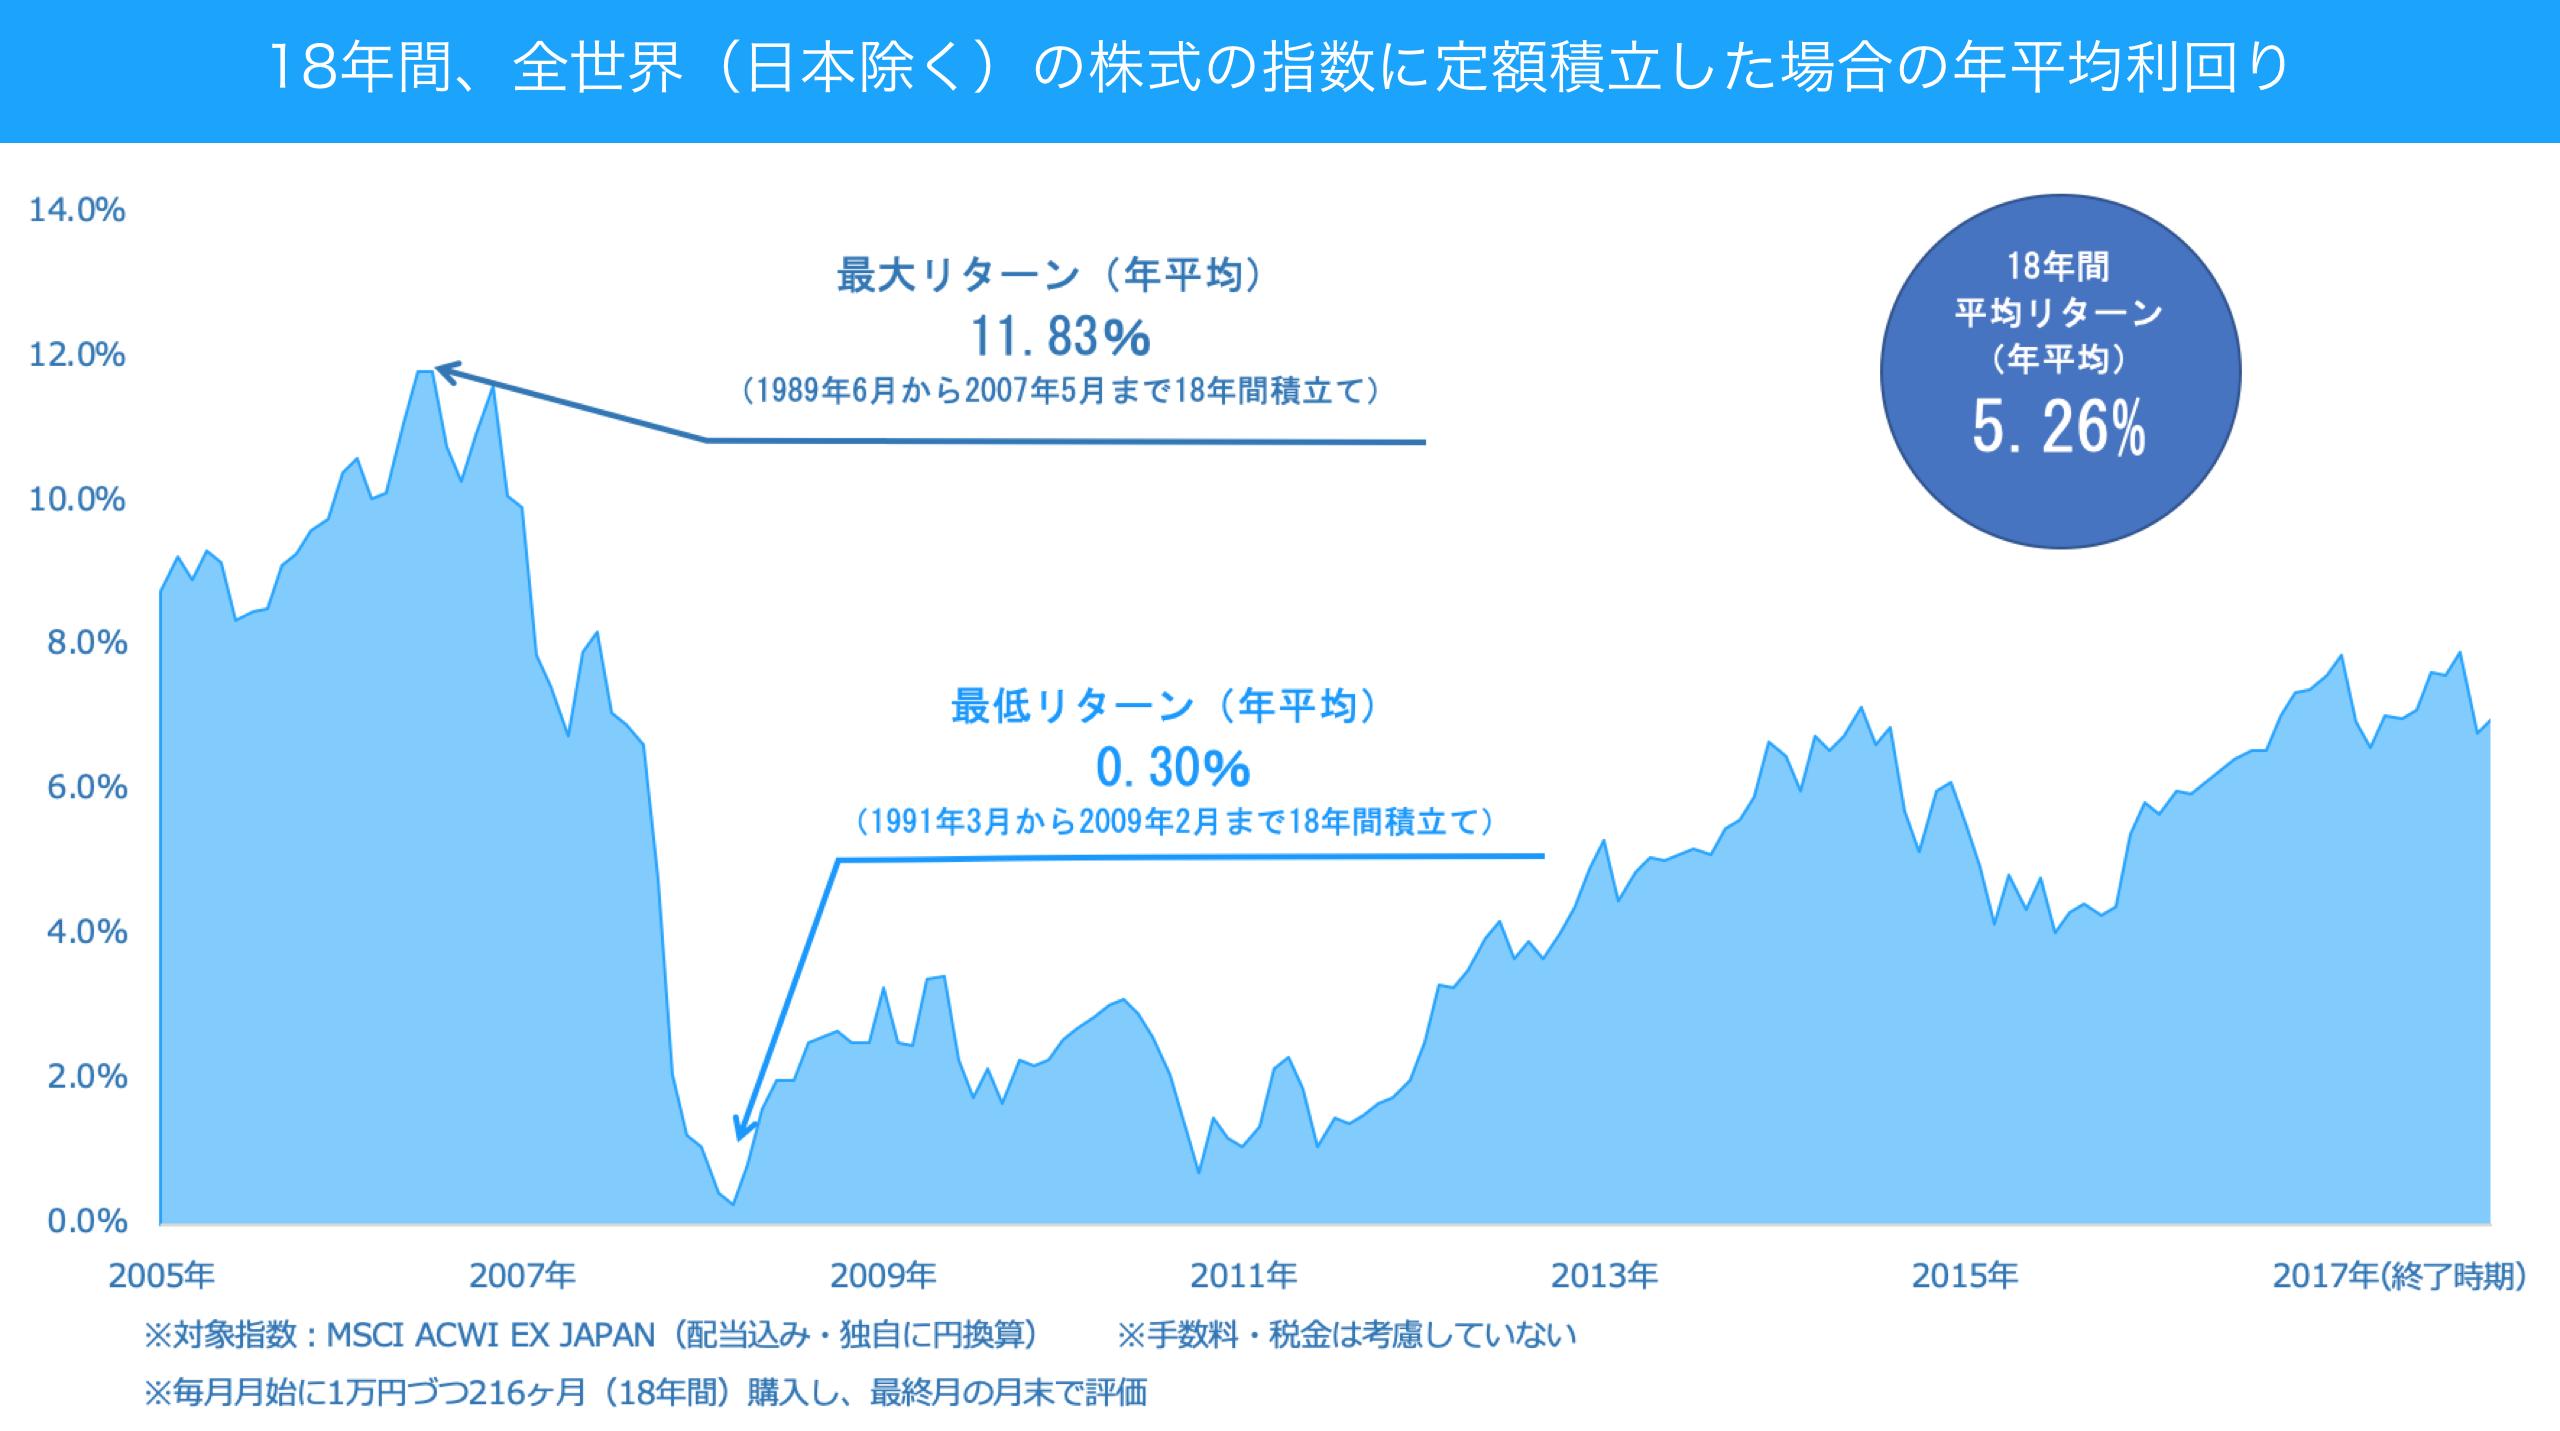 18年間、全世界(日本除く)の株式の指数に定額積立した場合の年平均利回り